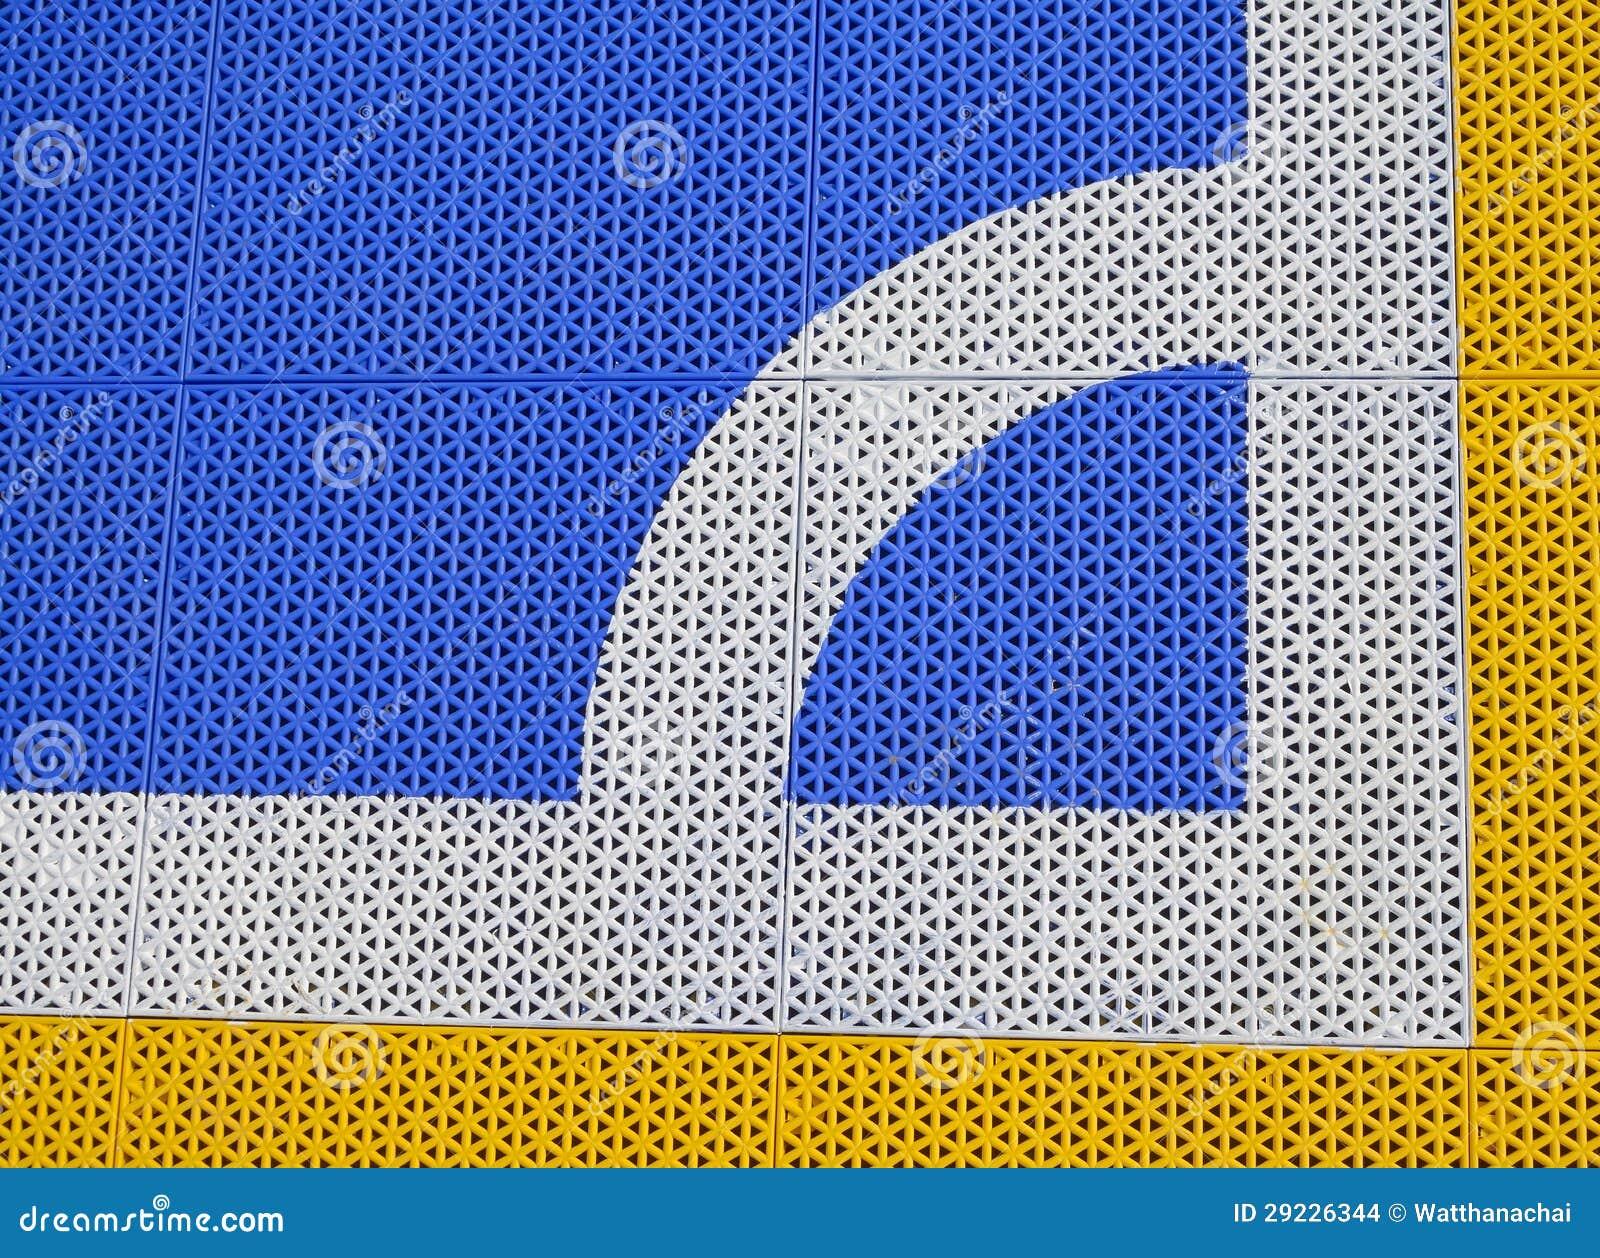 Download Marcação De Canto Branca No Campo De Futebol. Foto de Stock - Imagem de textura, fósforo: 29226344